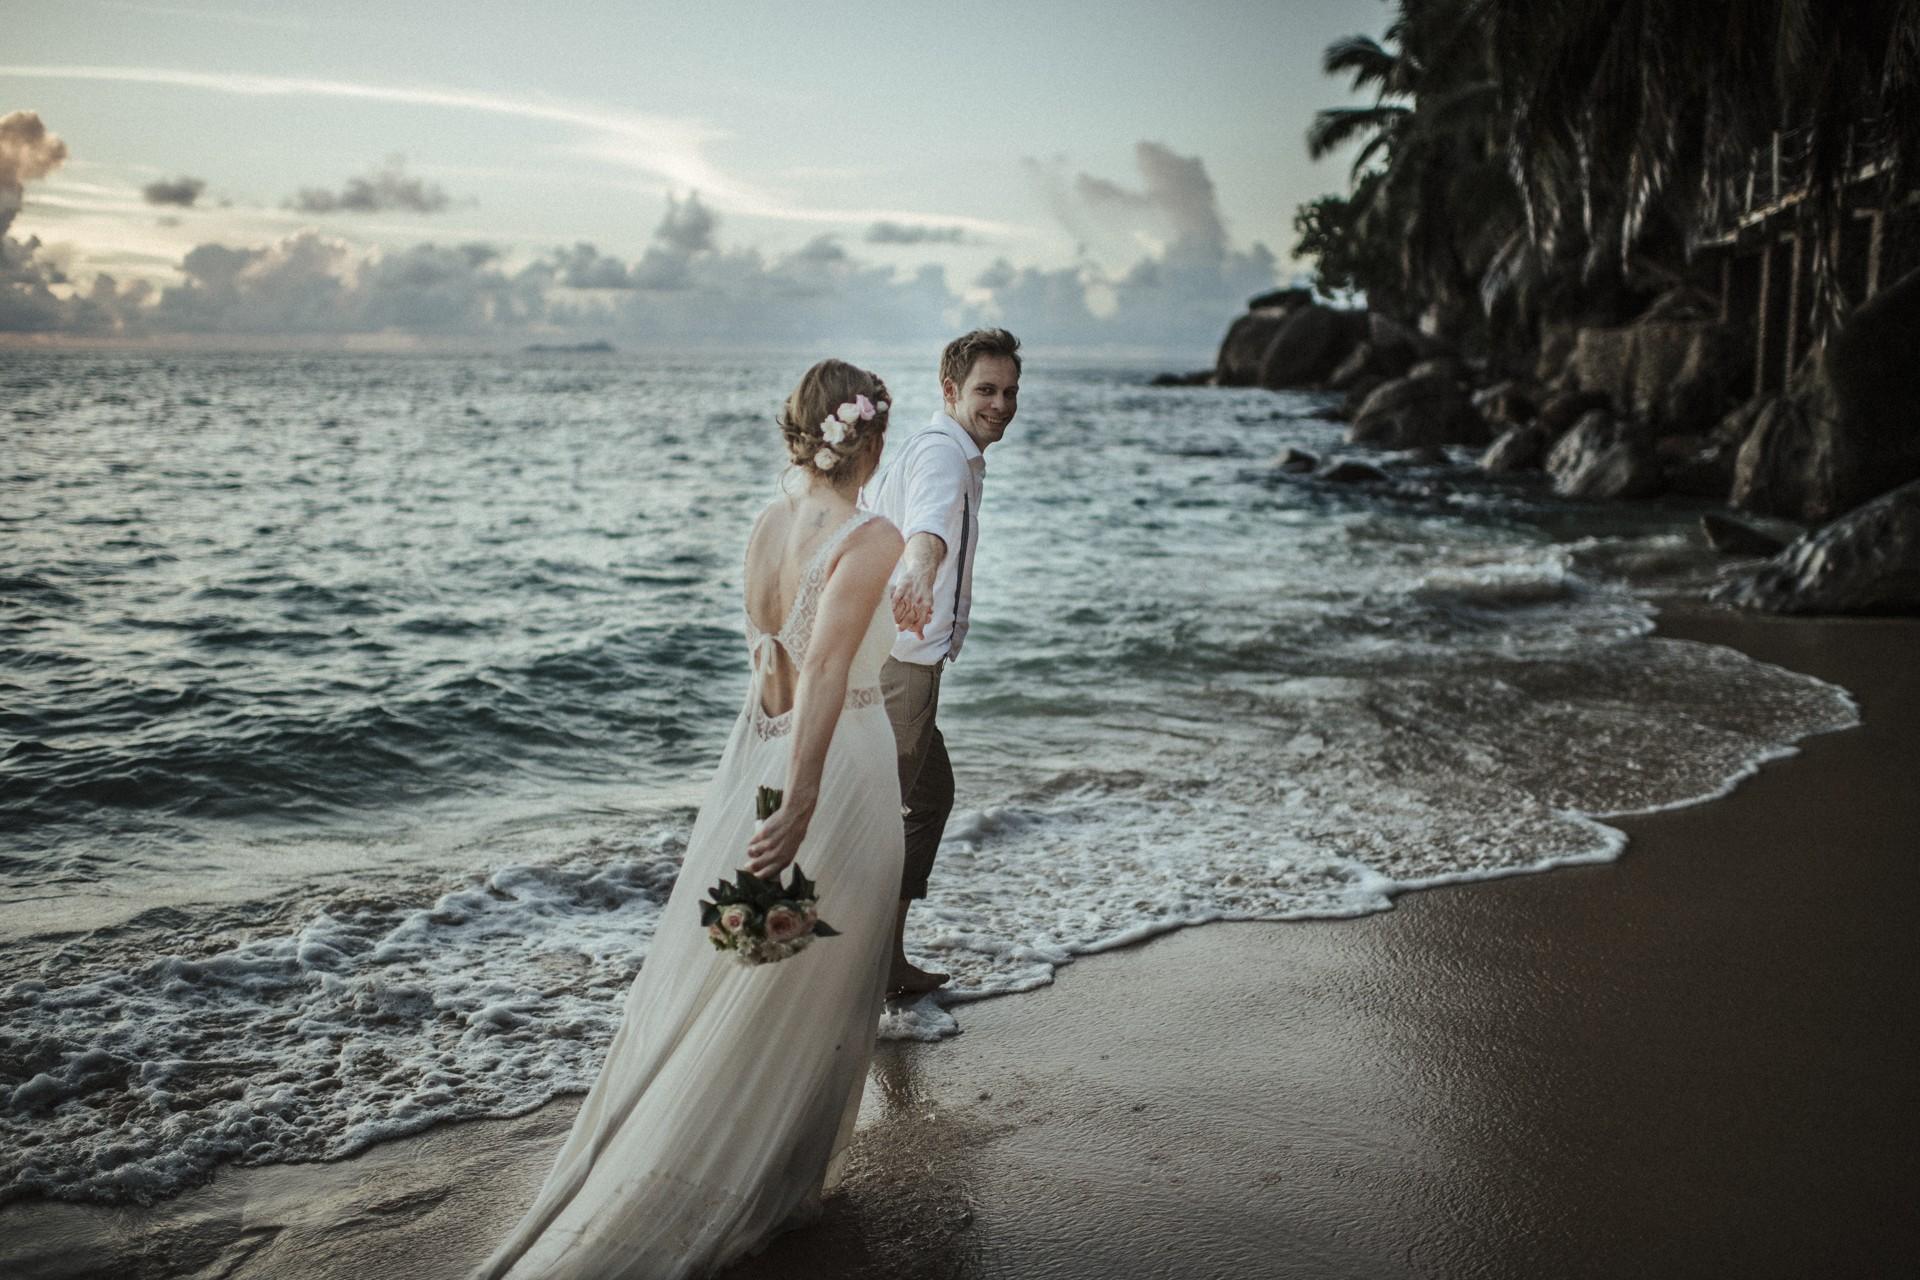 hochzeitsfotos-bkm-seychellen5